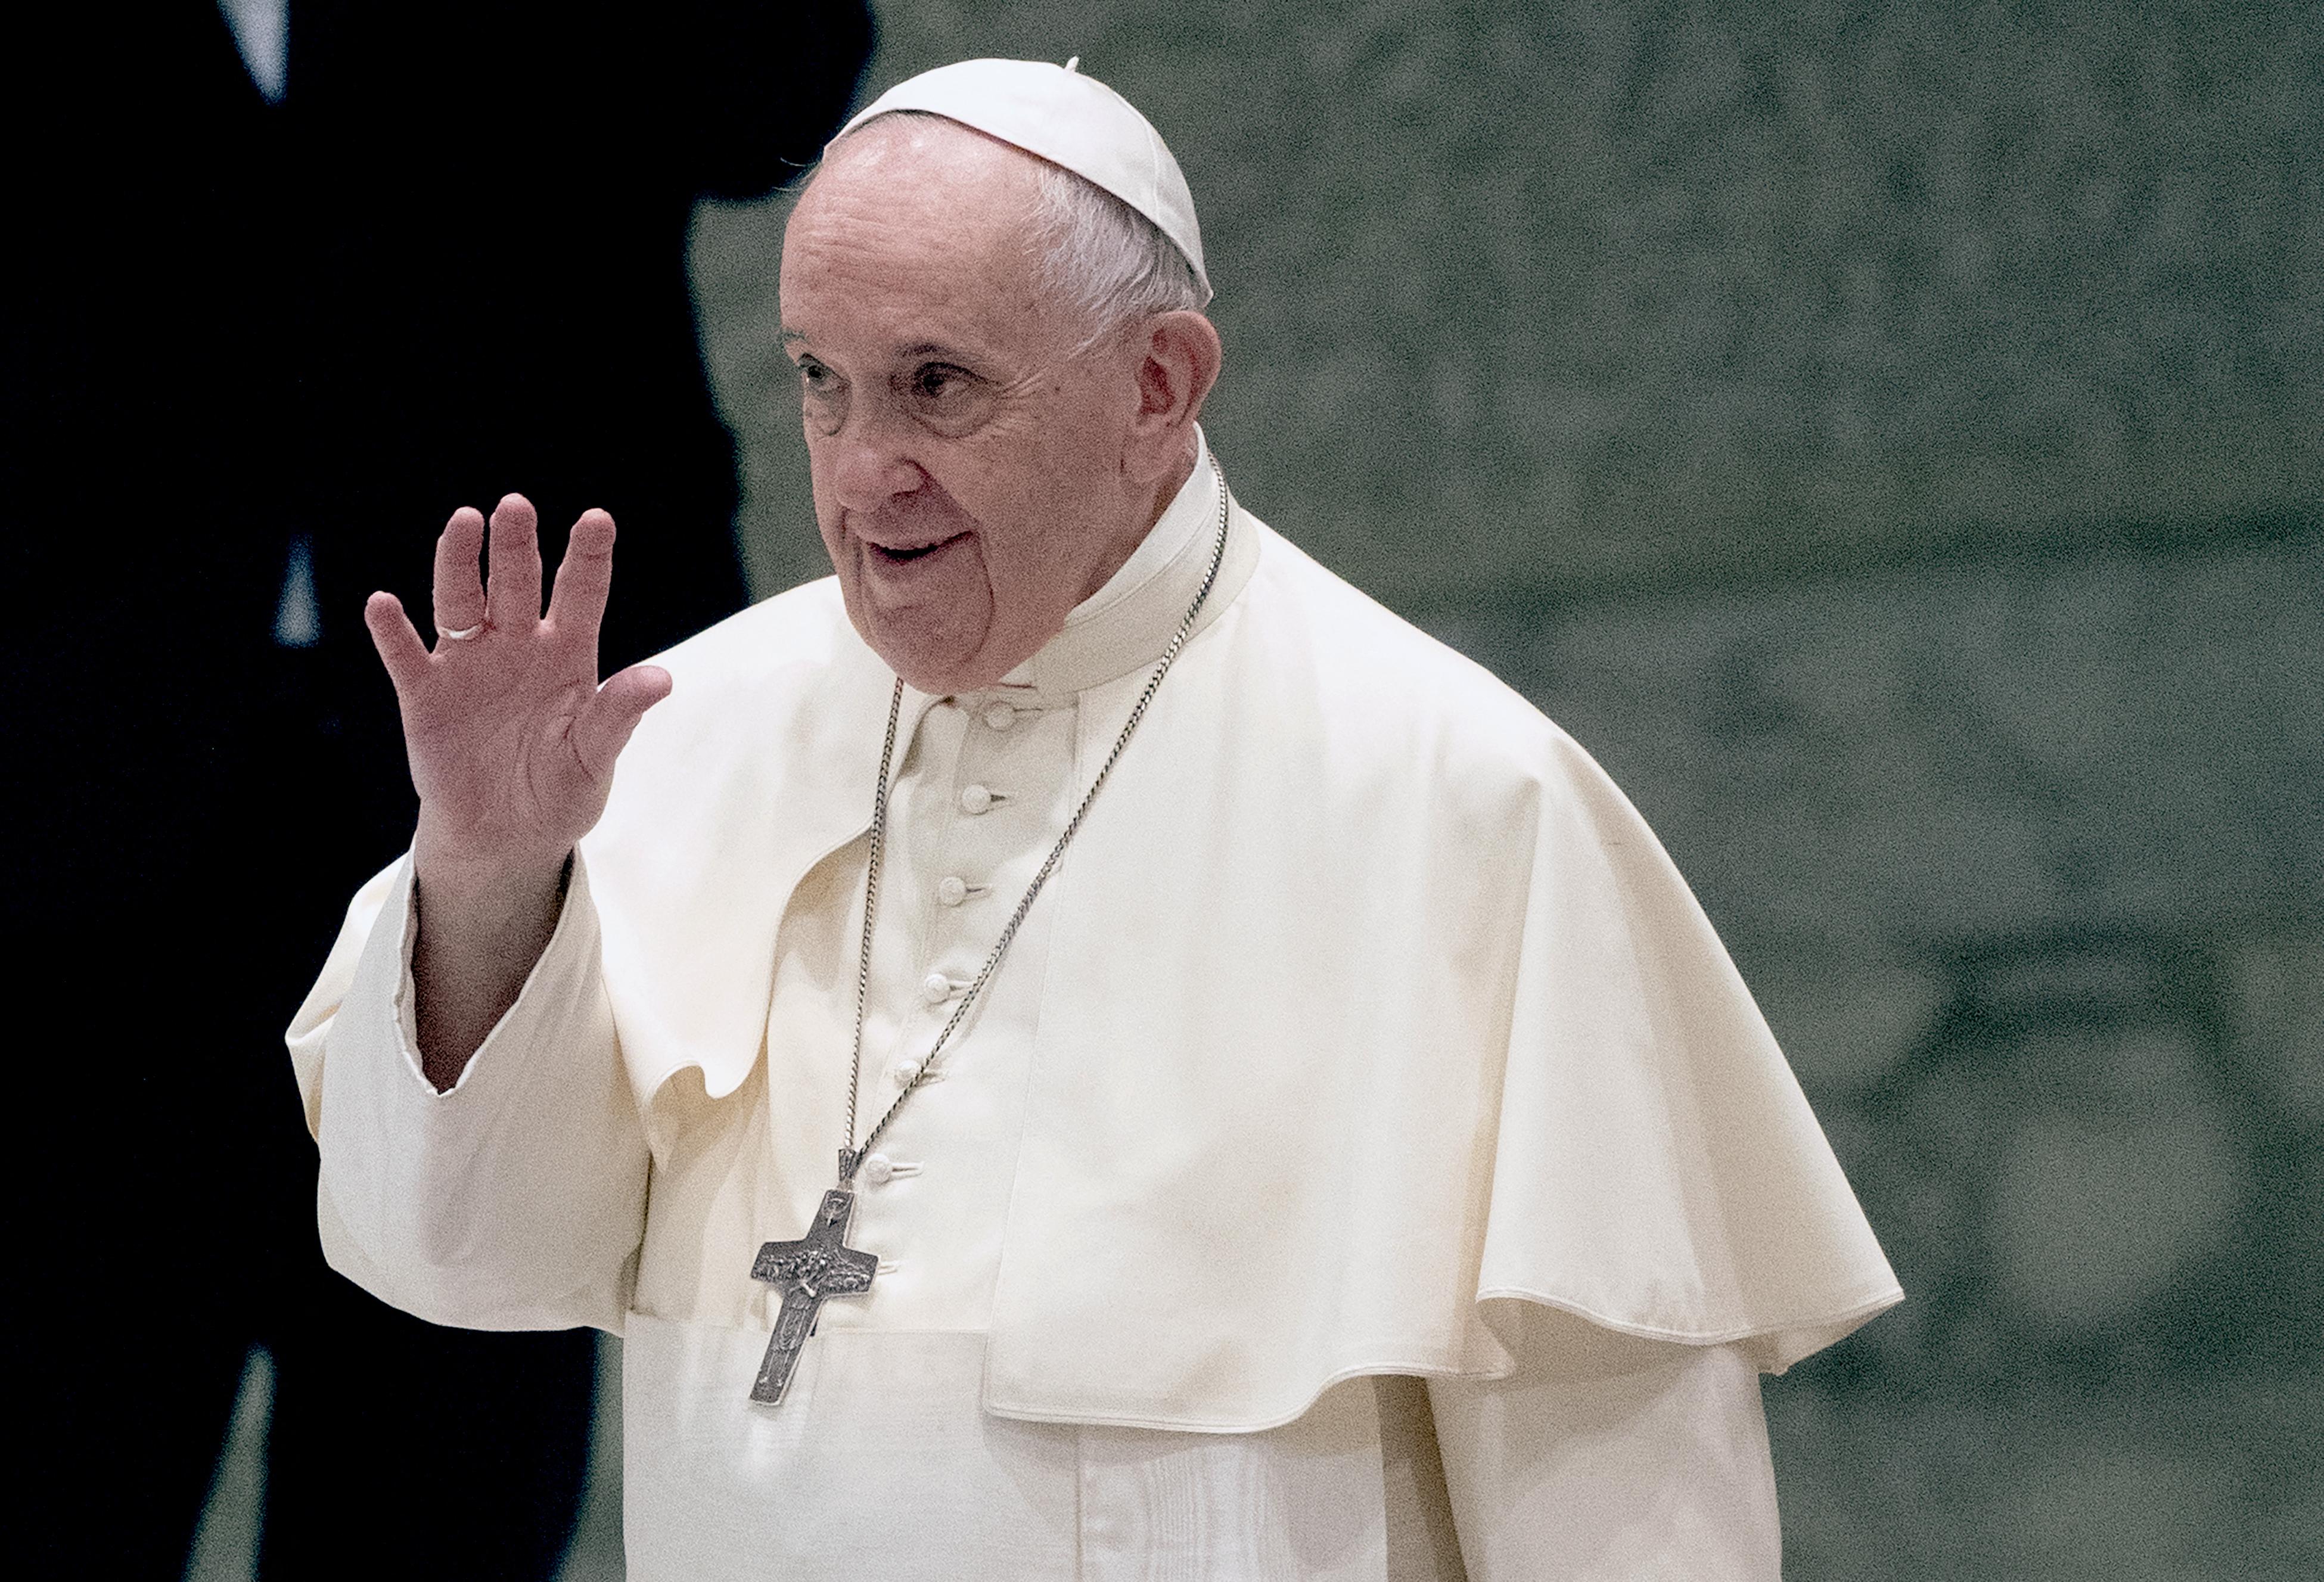 Perintfalvi Rita teológus szerint politikai üzenete van annak, hogy a pápa csak pár órát tölt el Magyarországon